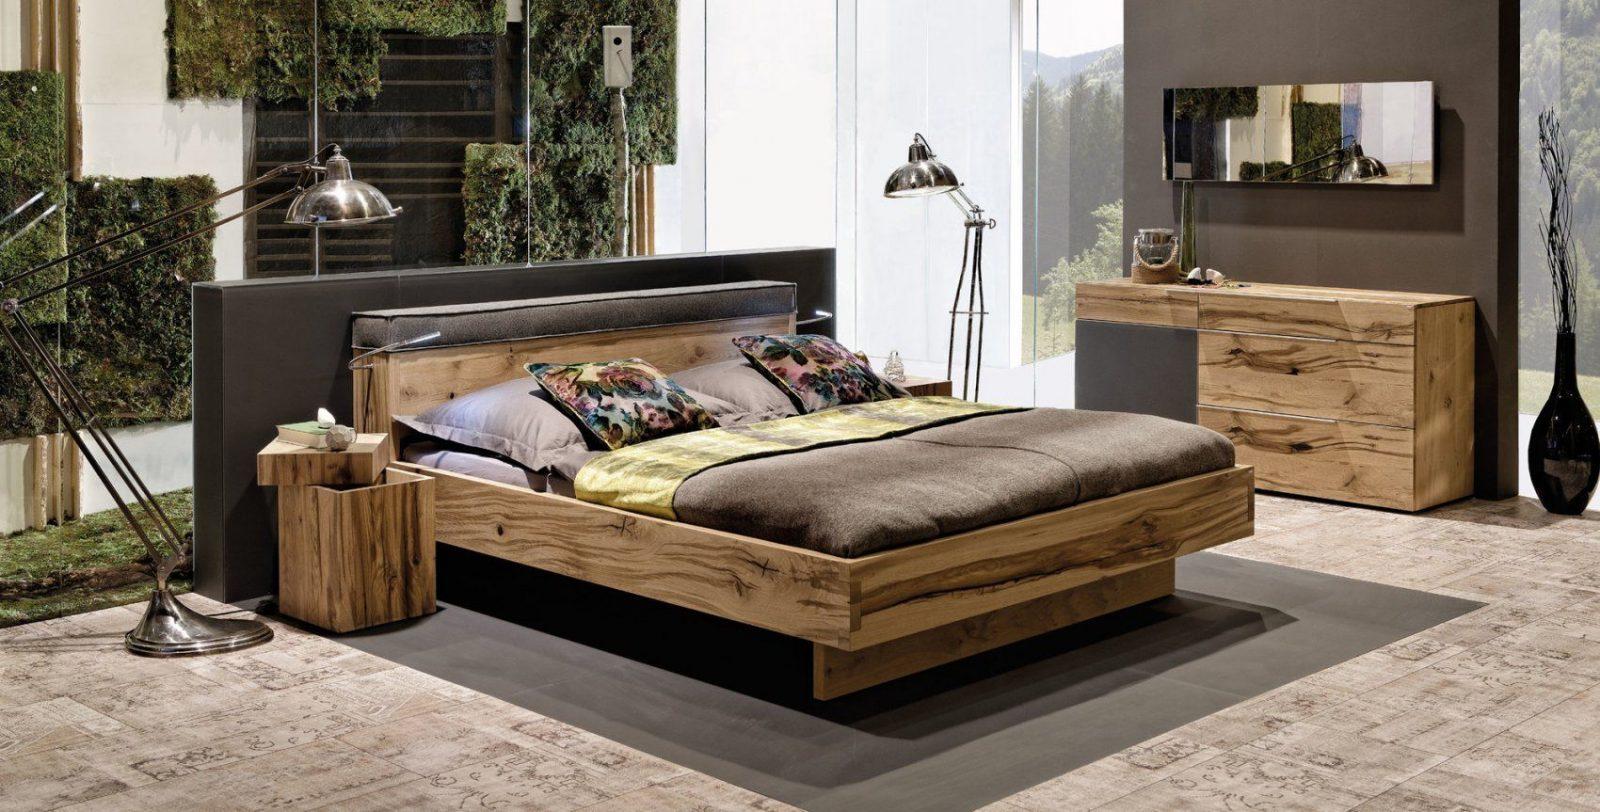 Vpur – Schlafzimmernaturholzmöbel In Eiche Altholz von Voglauer Bett V Pur Bild